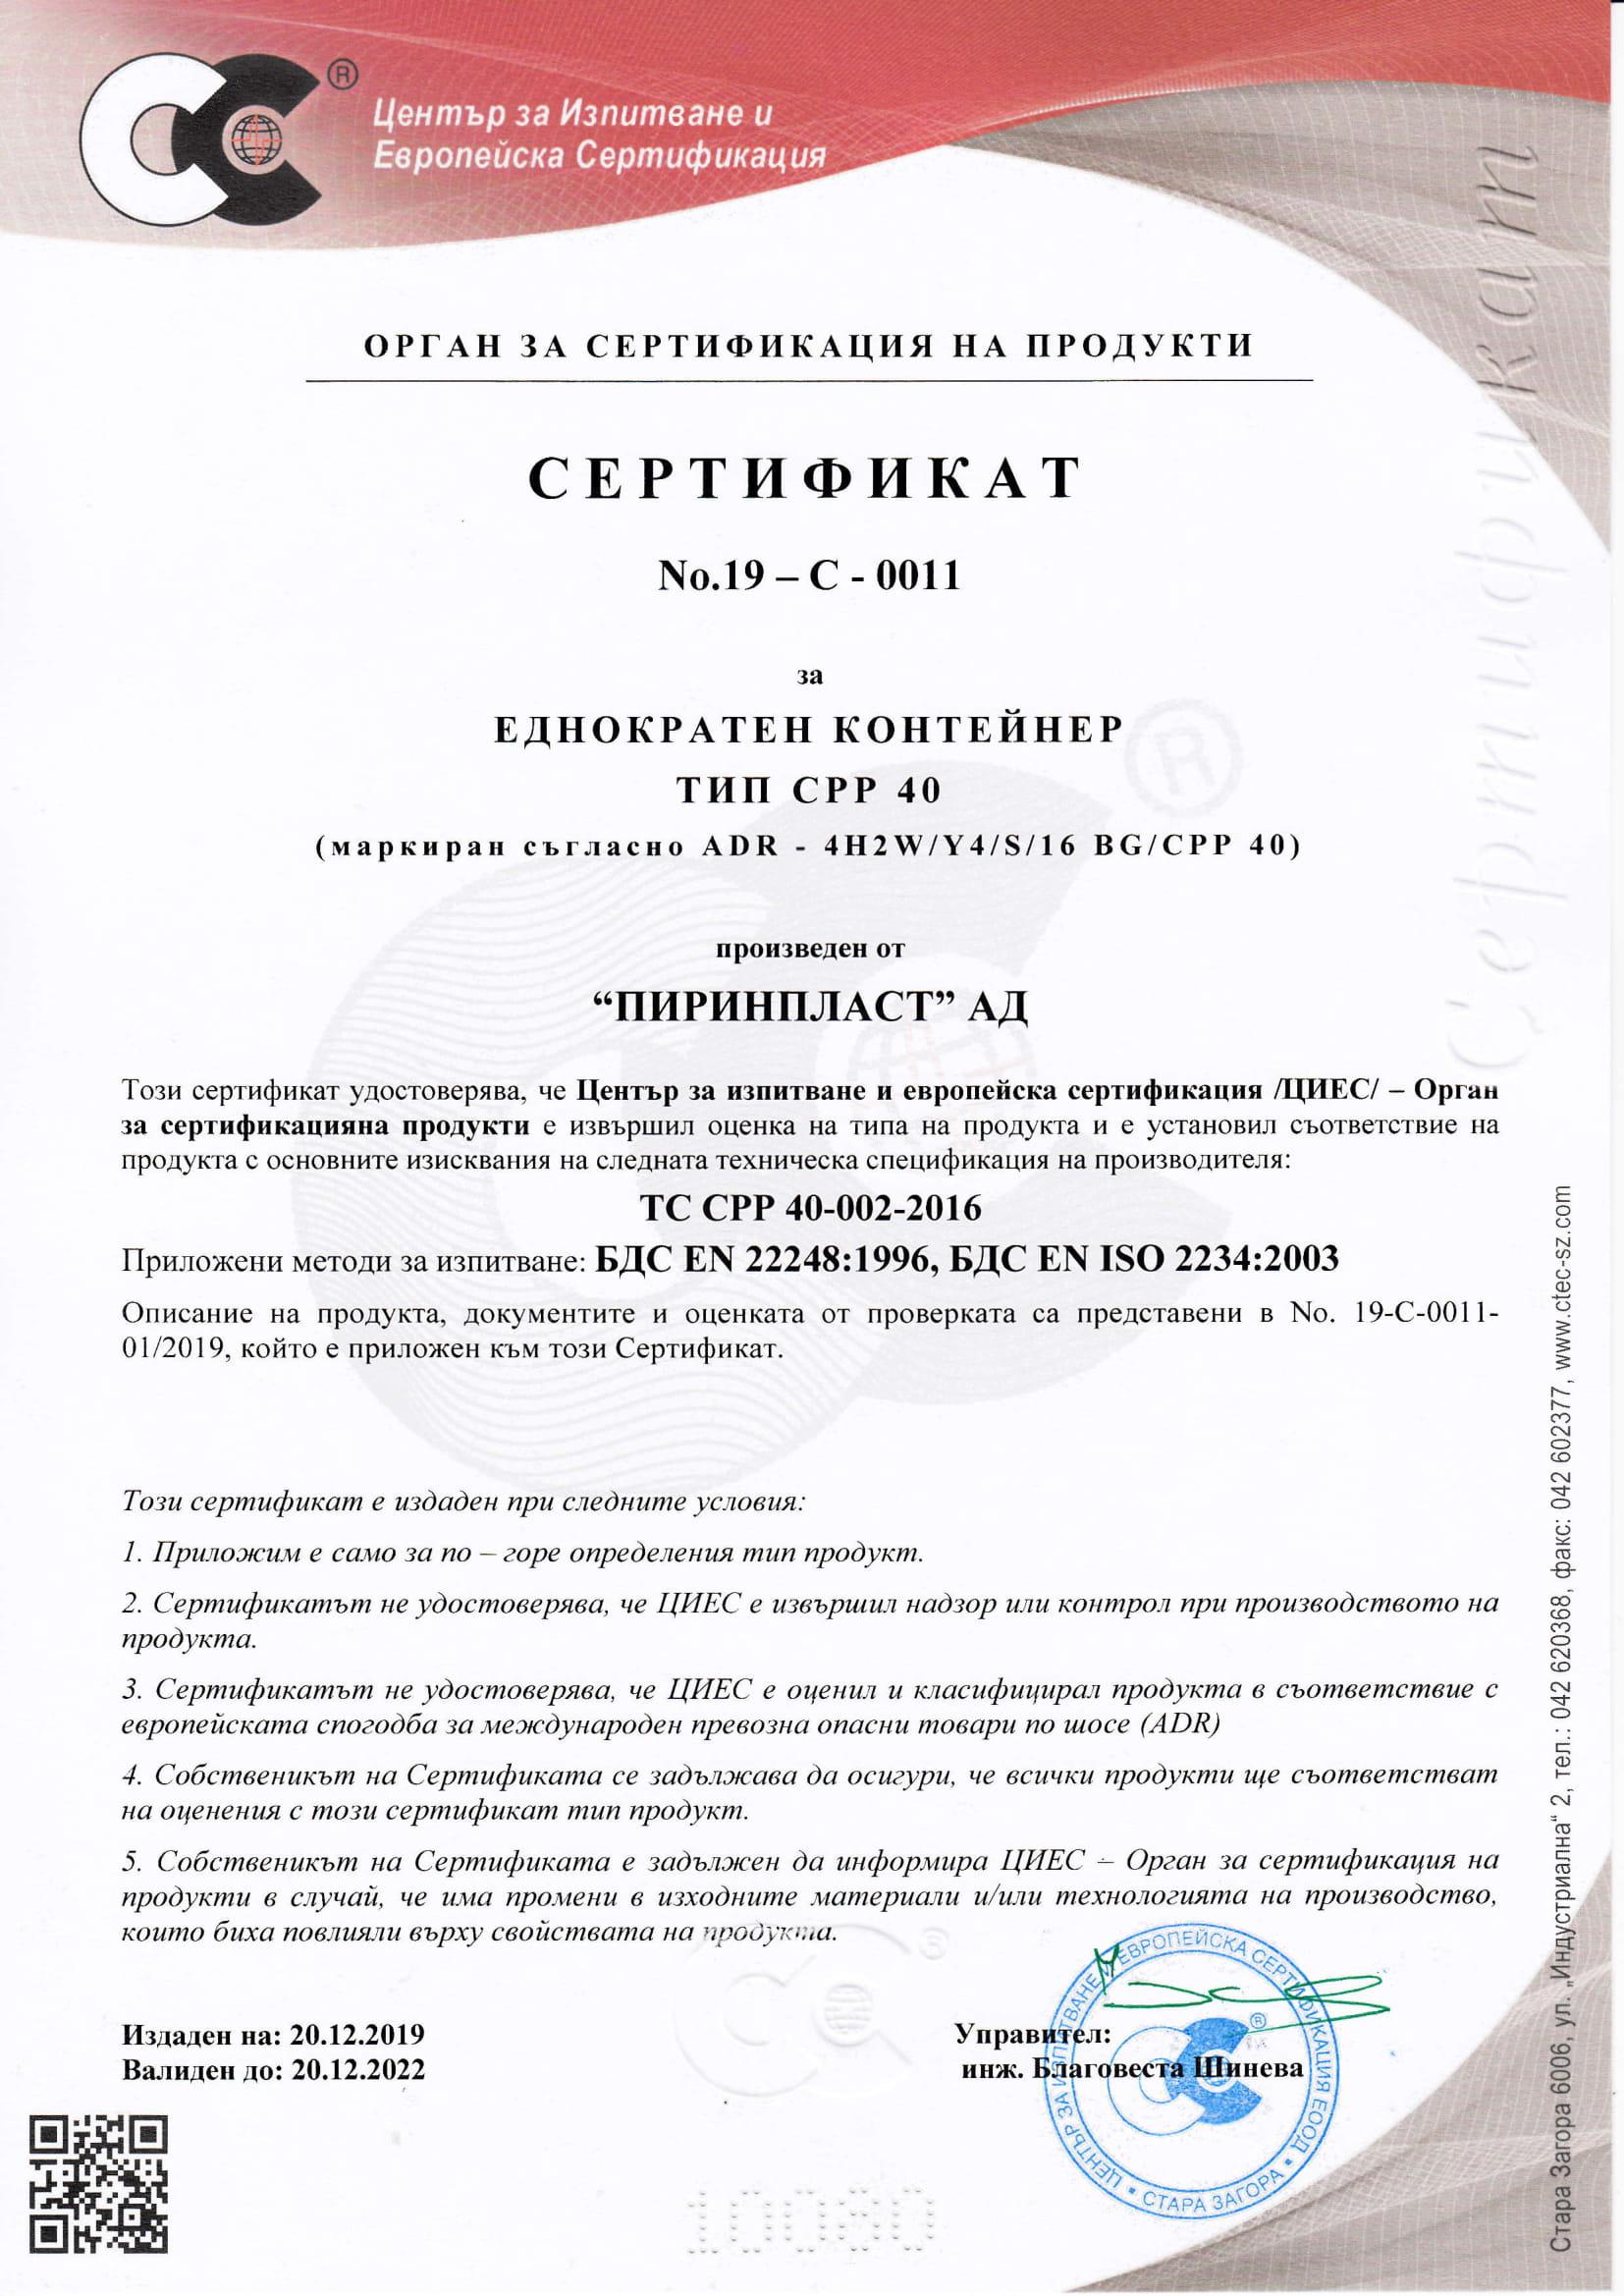 Сертификат СРР 40-1